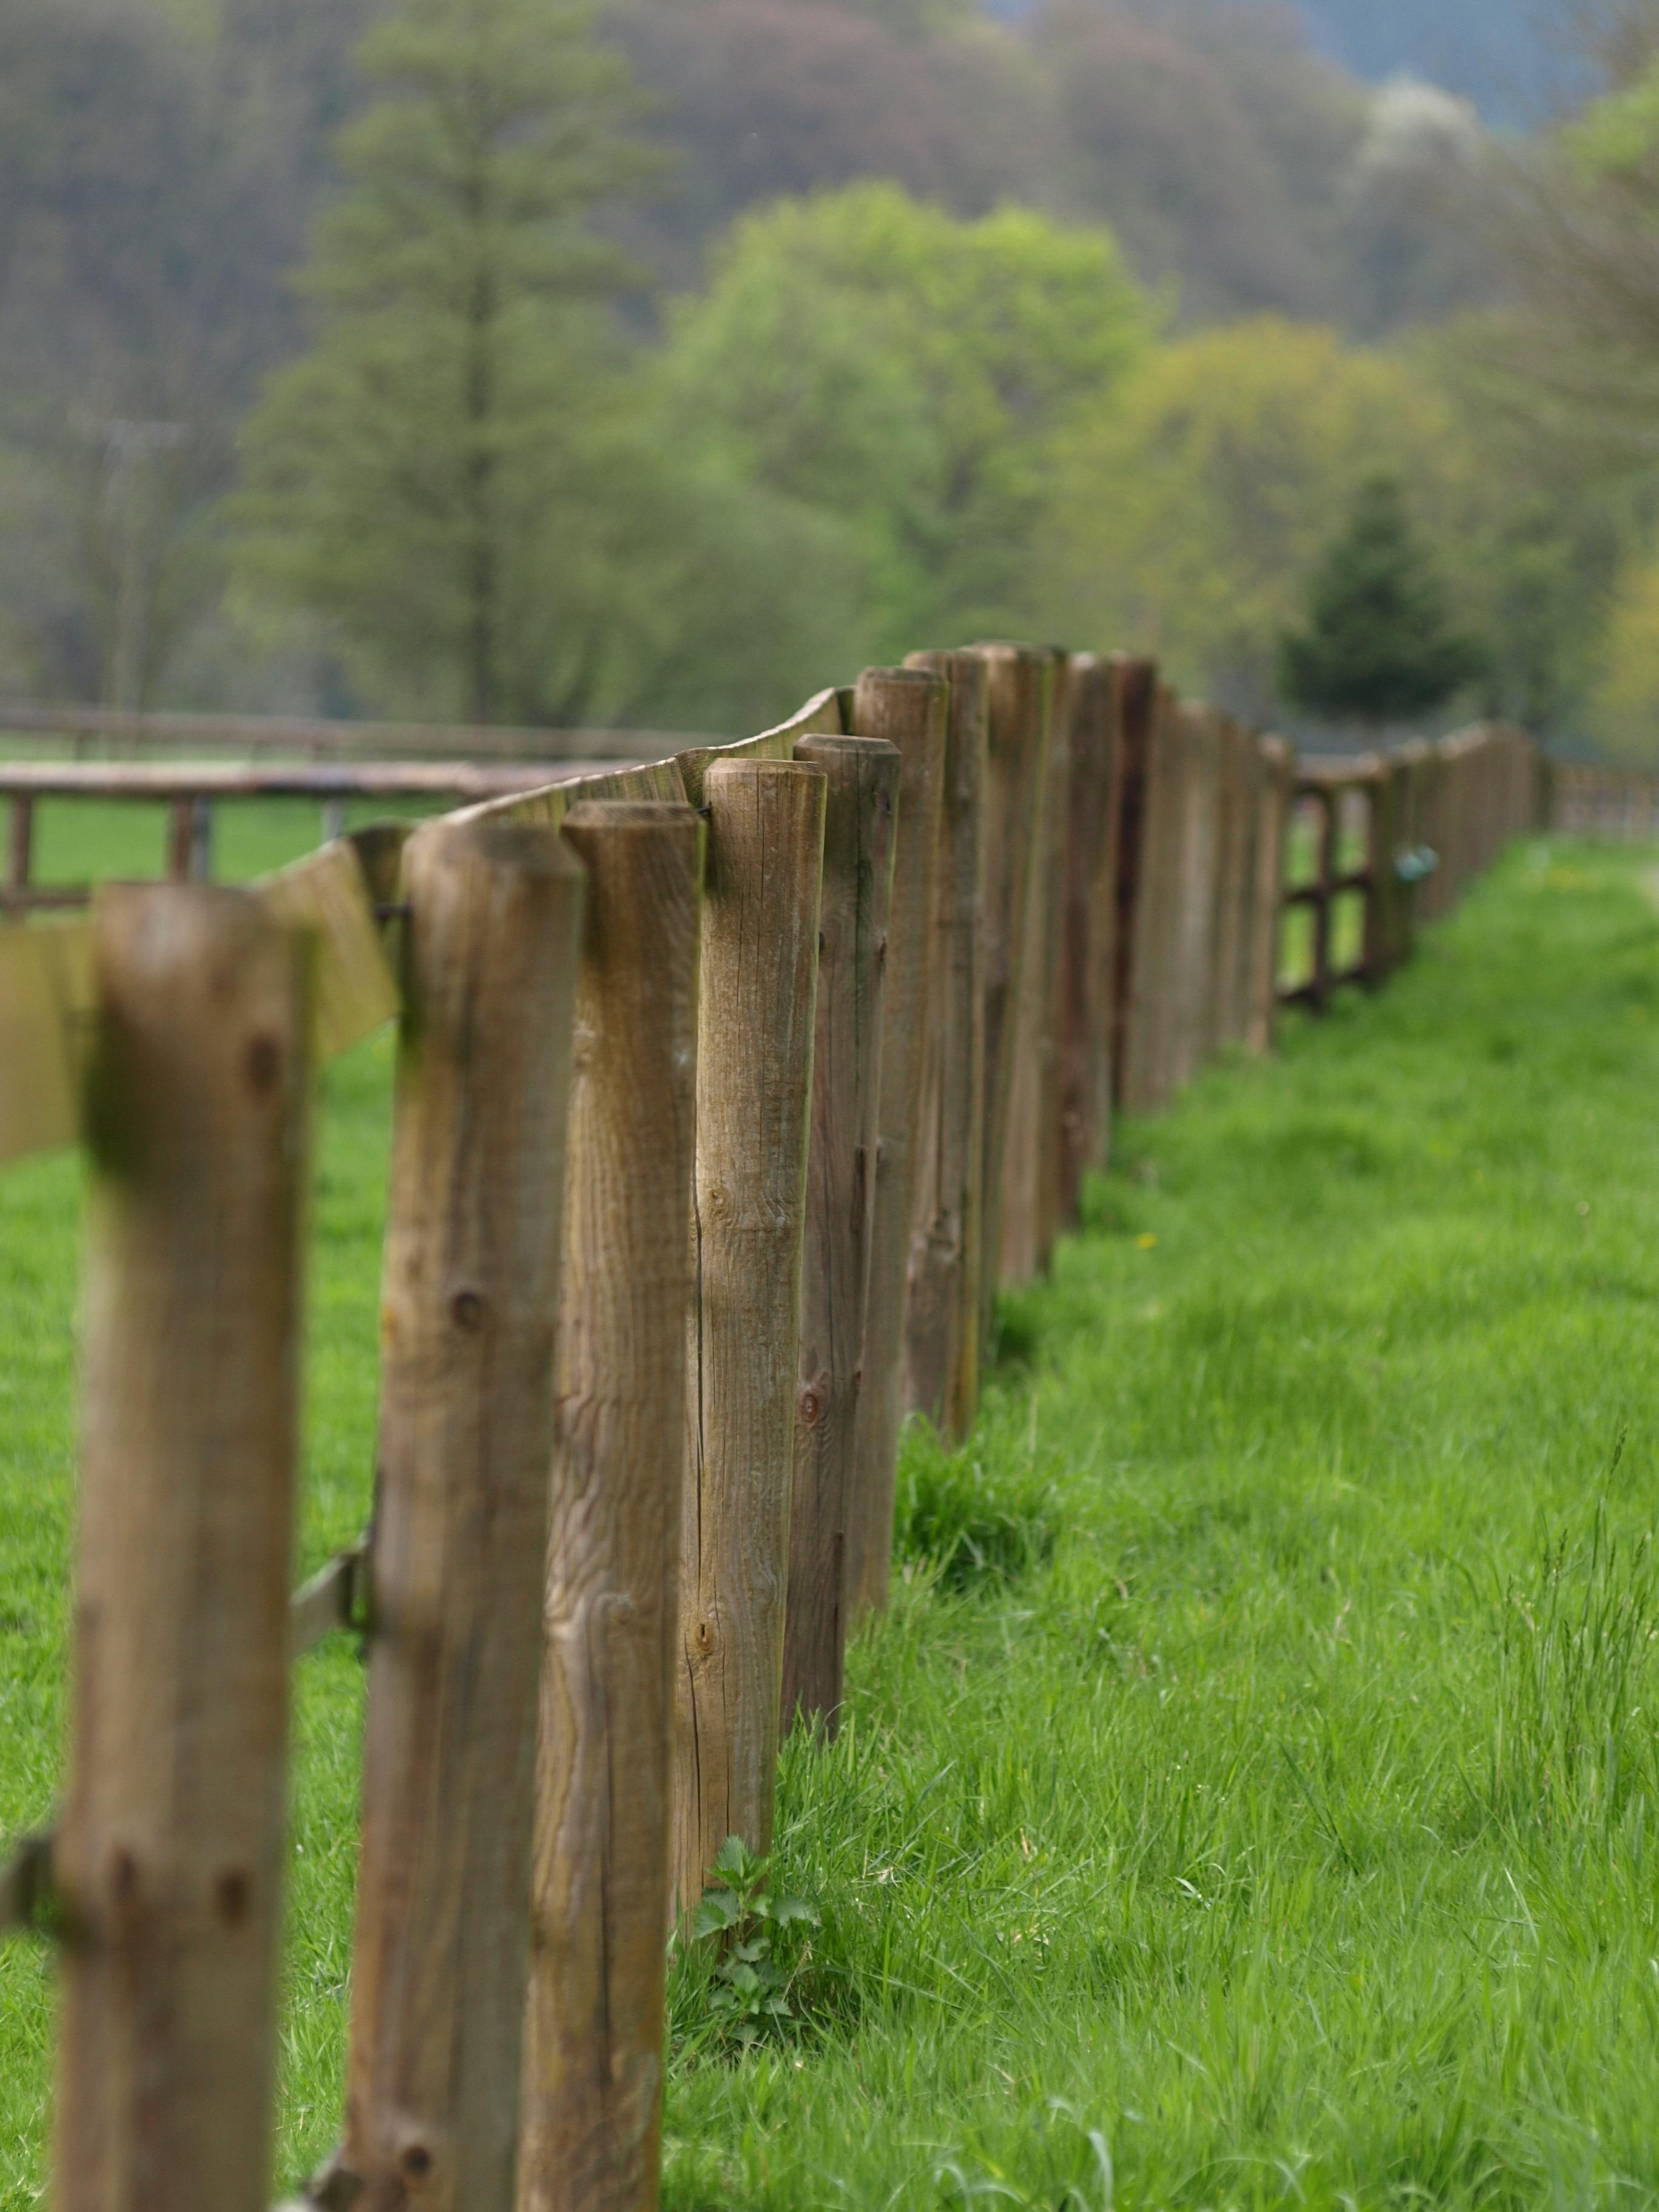 Kostenlose foto Baum Gras Holz Rasen Mauer Gehweg Weide